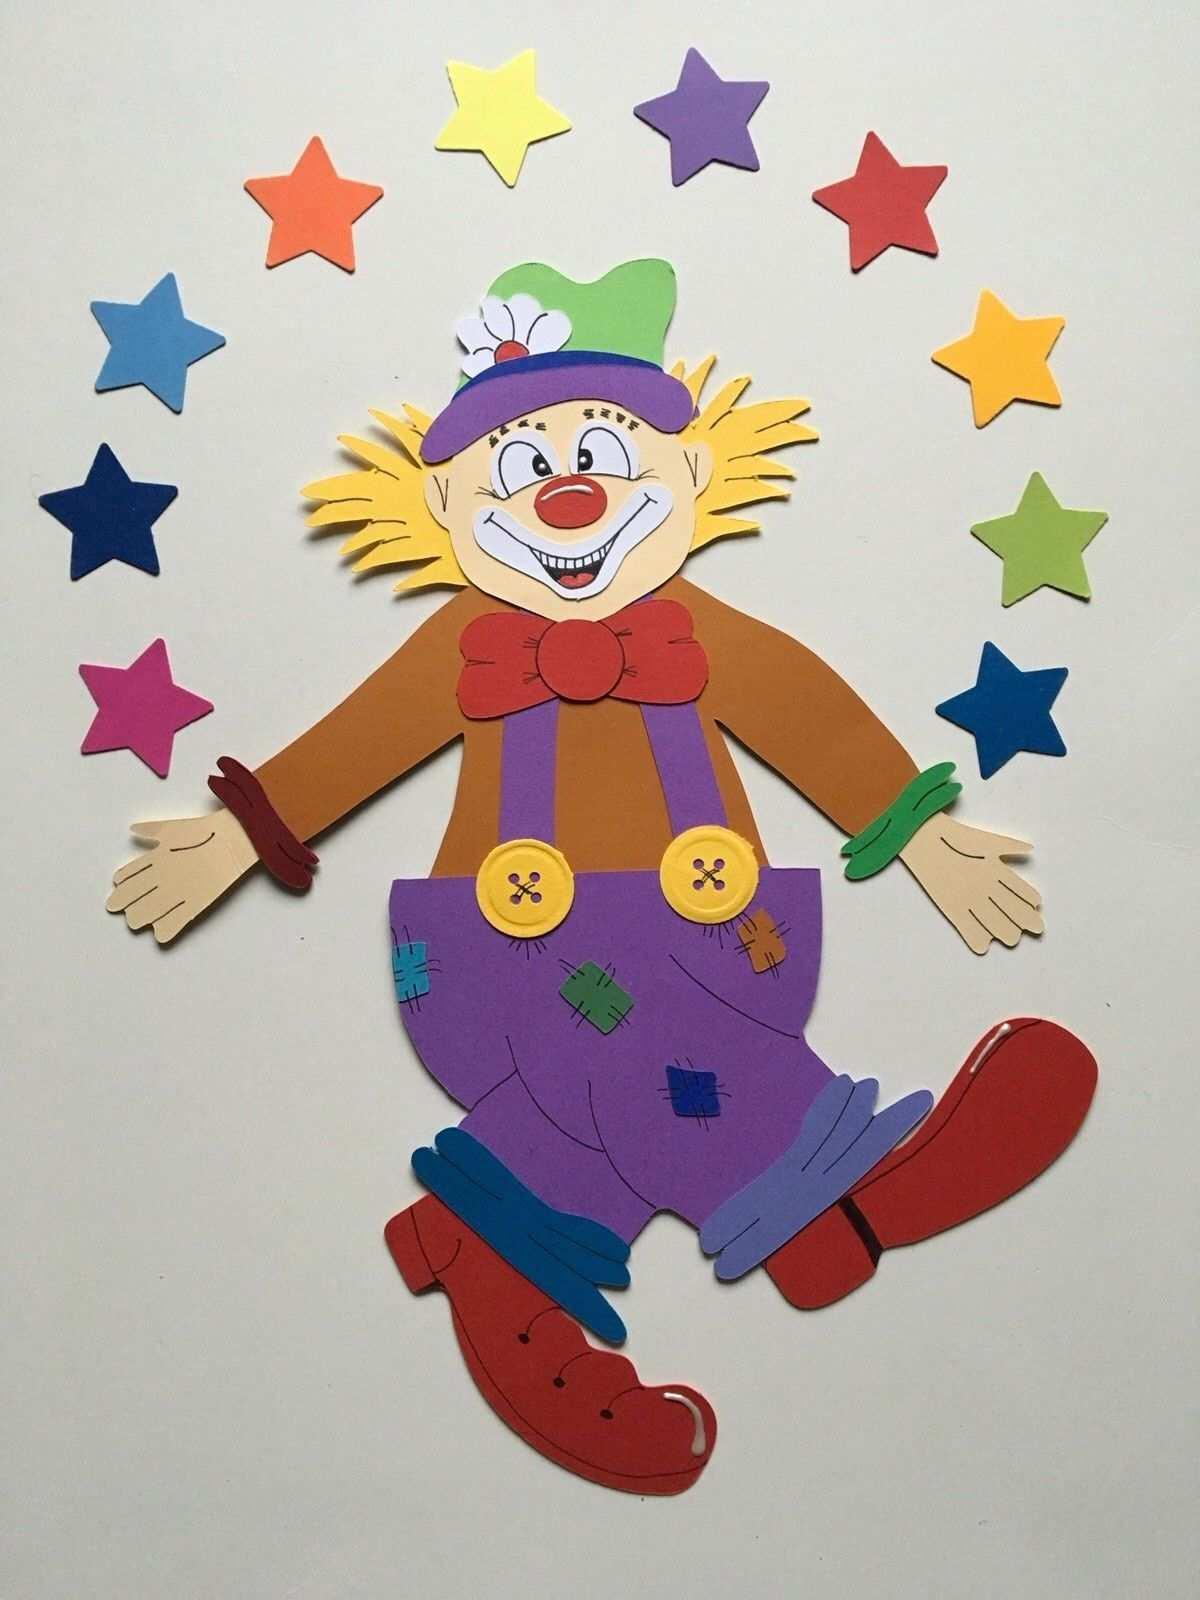 Fensterbild Tonkarton Clown Karneval Deko Handarbeit Motiv 21 Neu Xxl Eur 7 50 Hier Konnen Sie Ein Handgefertigtes Karneval Deko Clown Handwerk Zirkus Kunst